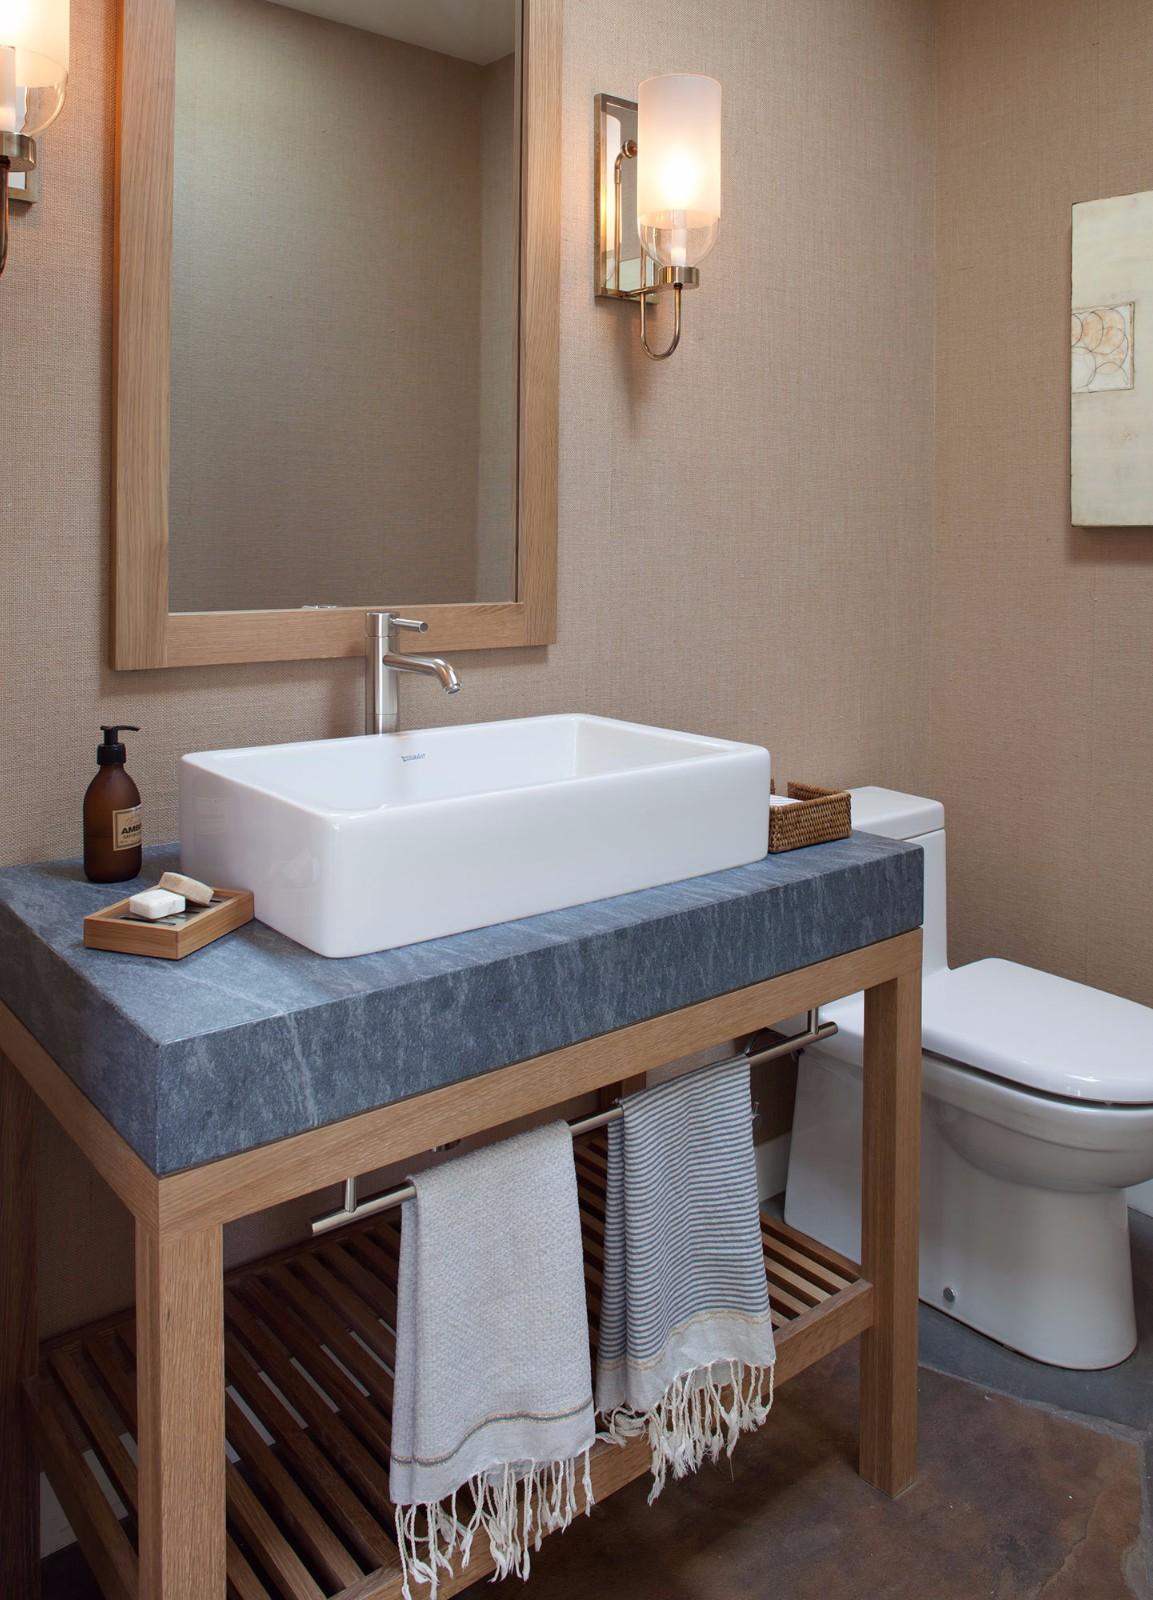 美式乡村风格别墅卫生间装修效果图